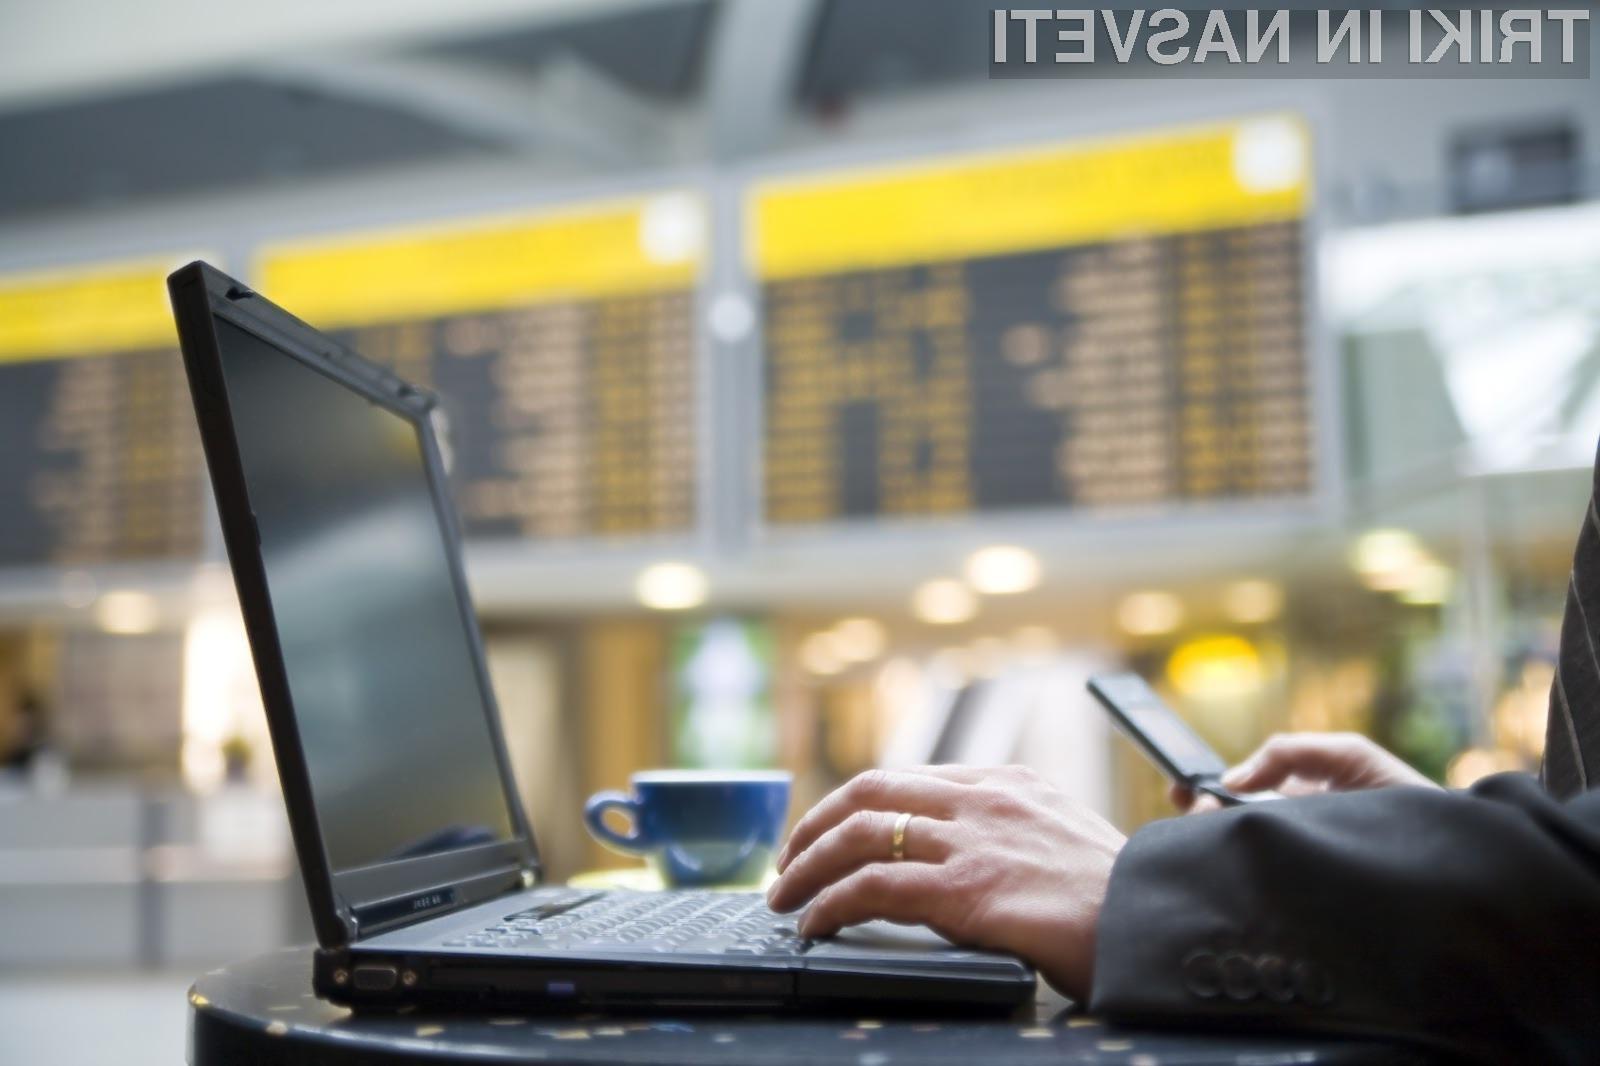 Z malo truda in časa boste lahko opazno podaljšali avtonomijo delovanja vašega prenosnega računalnika!